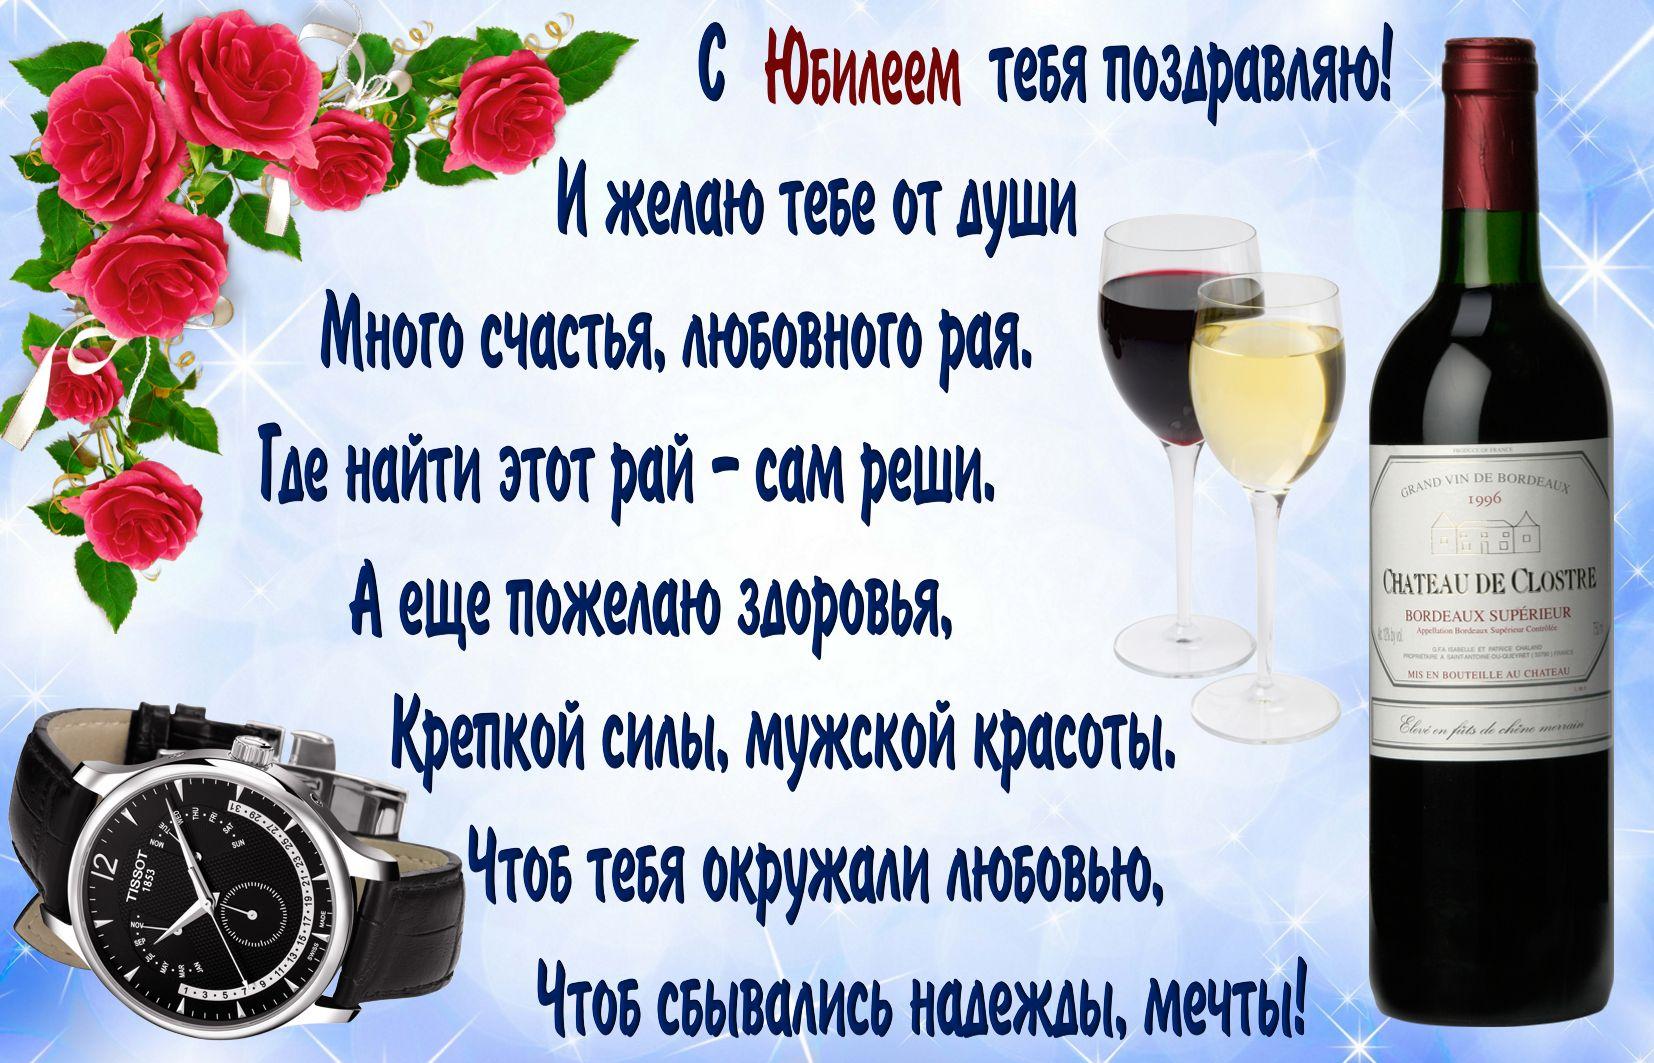 Поздравления с днем рождения или юбилеем мужчину